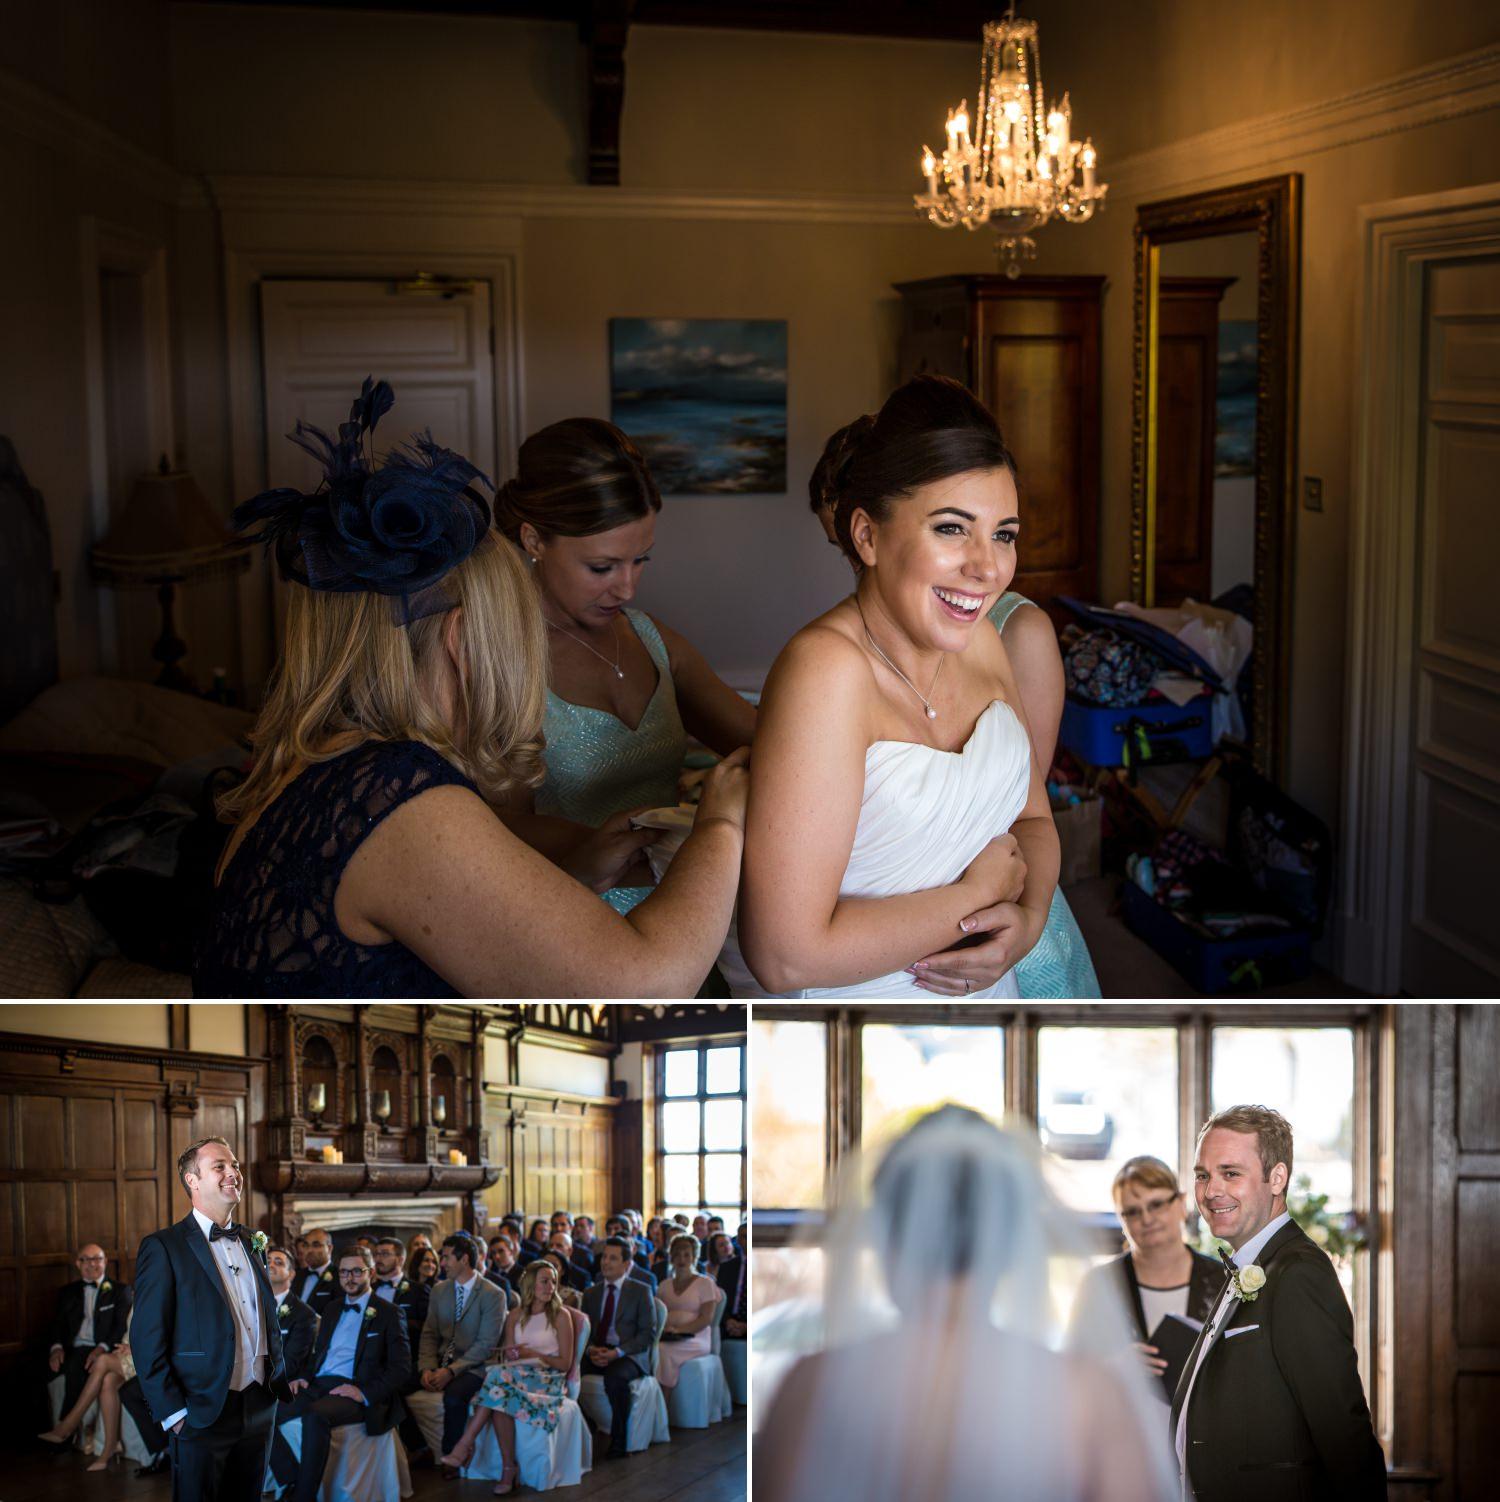 Girls getting ready at Hillbark hotel wedding venue